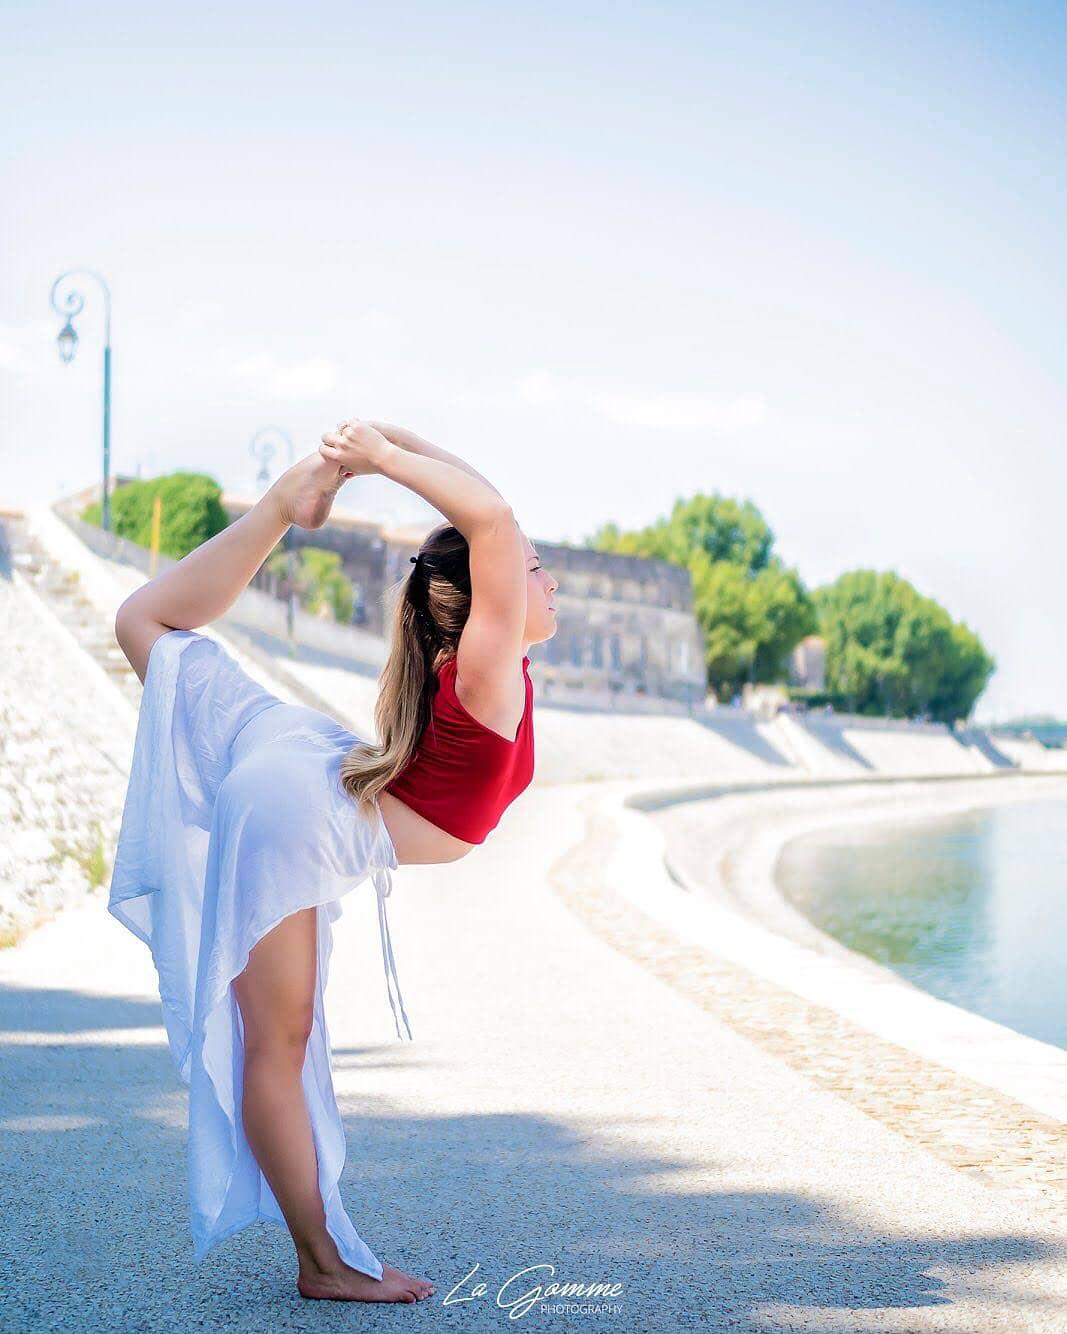 Yoga with an Experienced Yoga Alliance RYT 500 Teacher 2